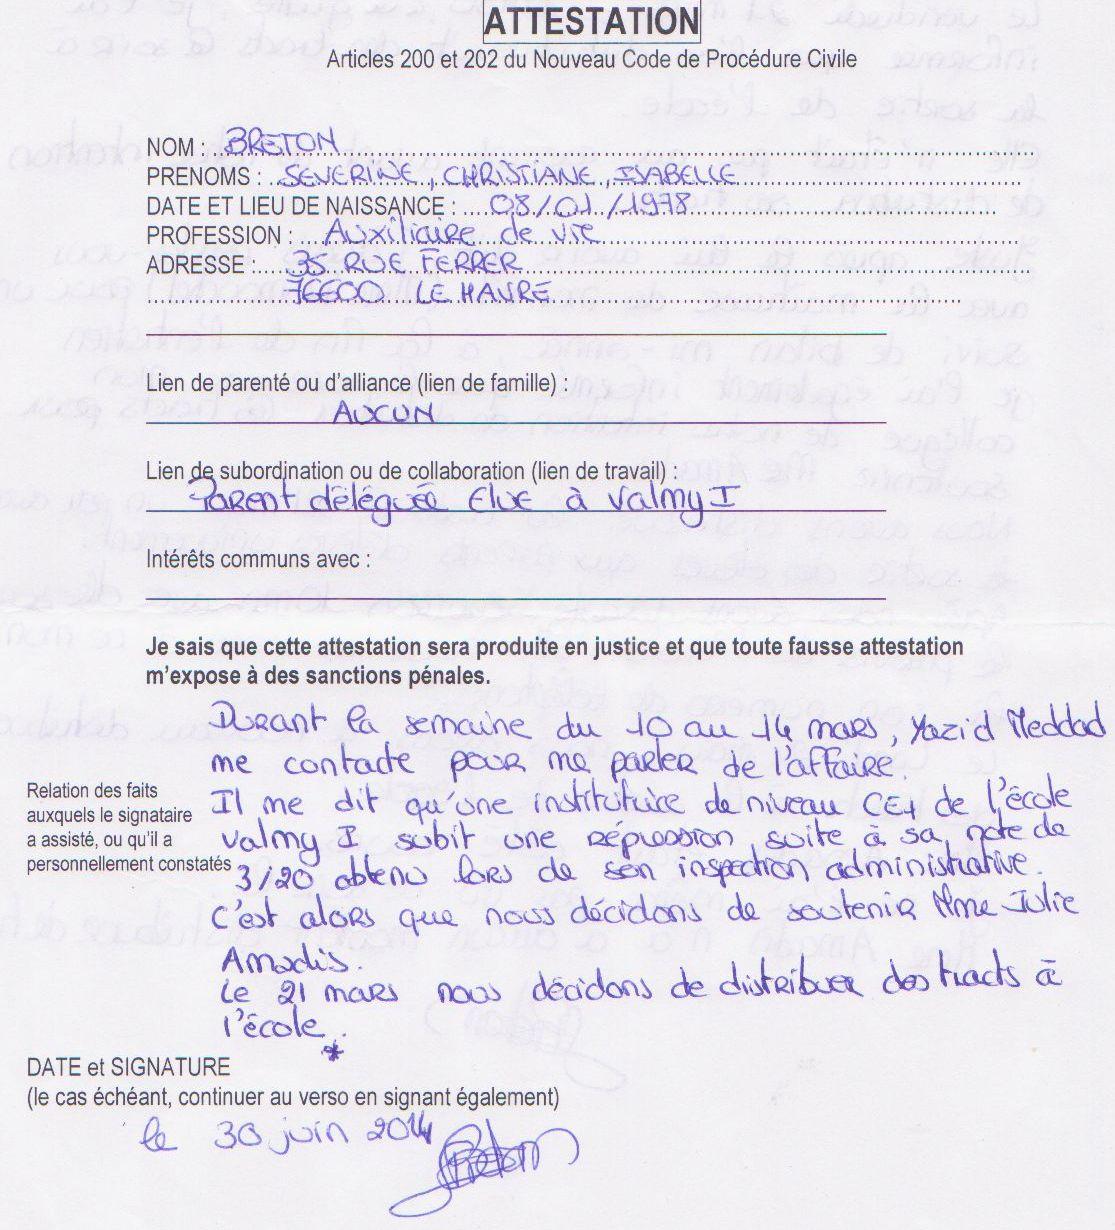 #IpEaVàEaFàF copie de mon blog Nouvel Obs: 5 années de harcèlement politique, judiciaire et ...